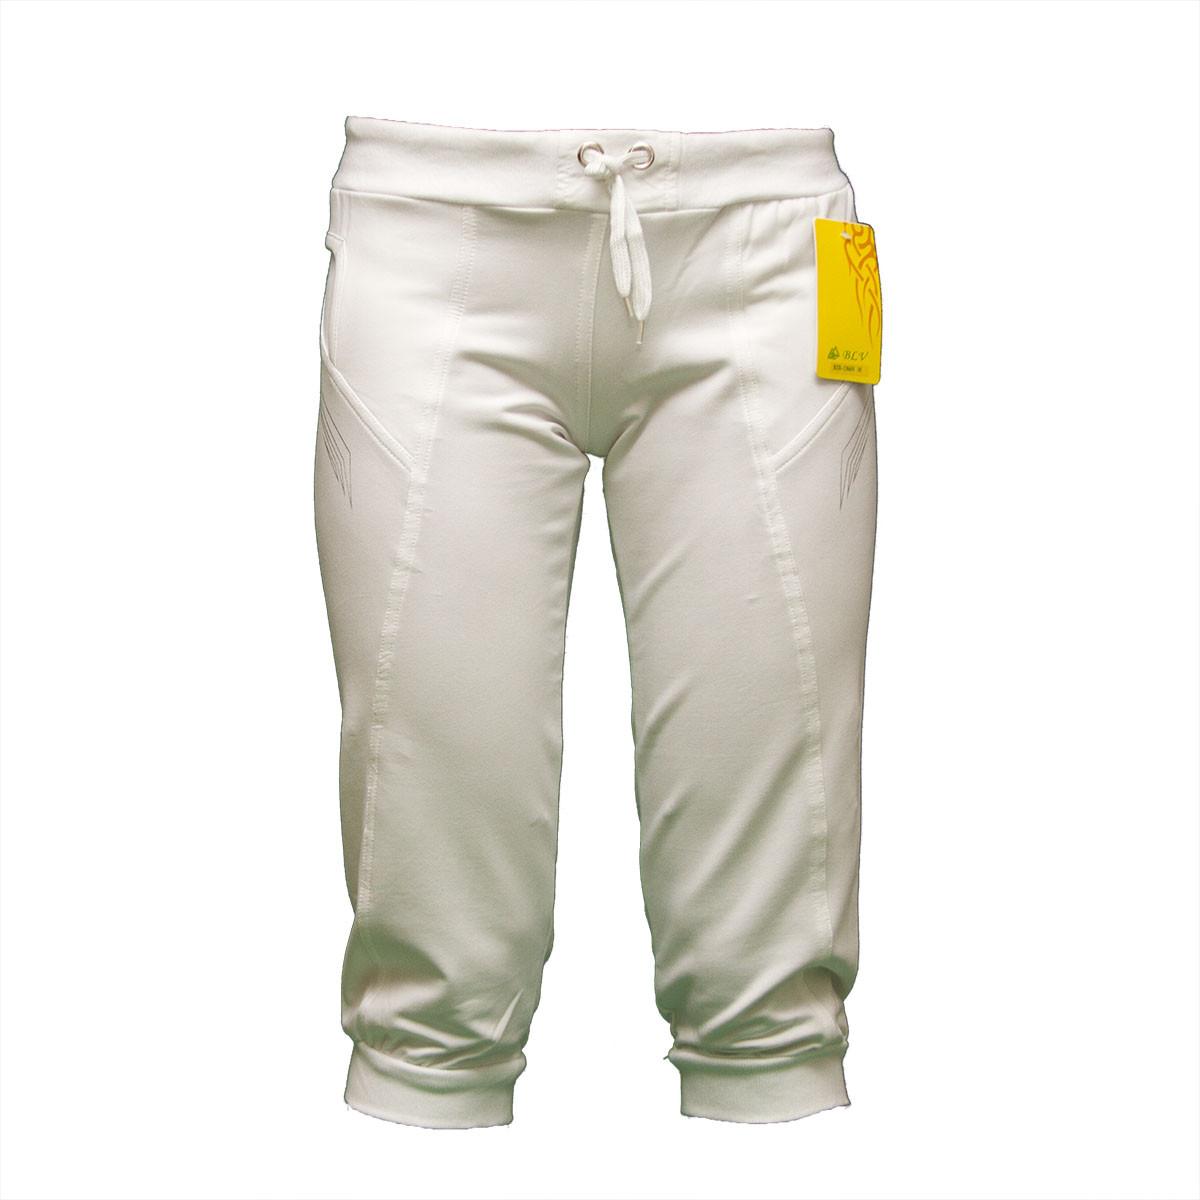 Женские белые бриджи недорого в интернет магазине BZ1366N-4